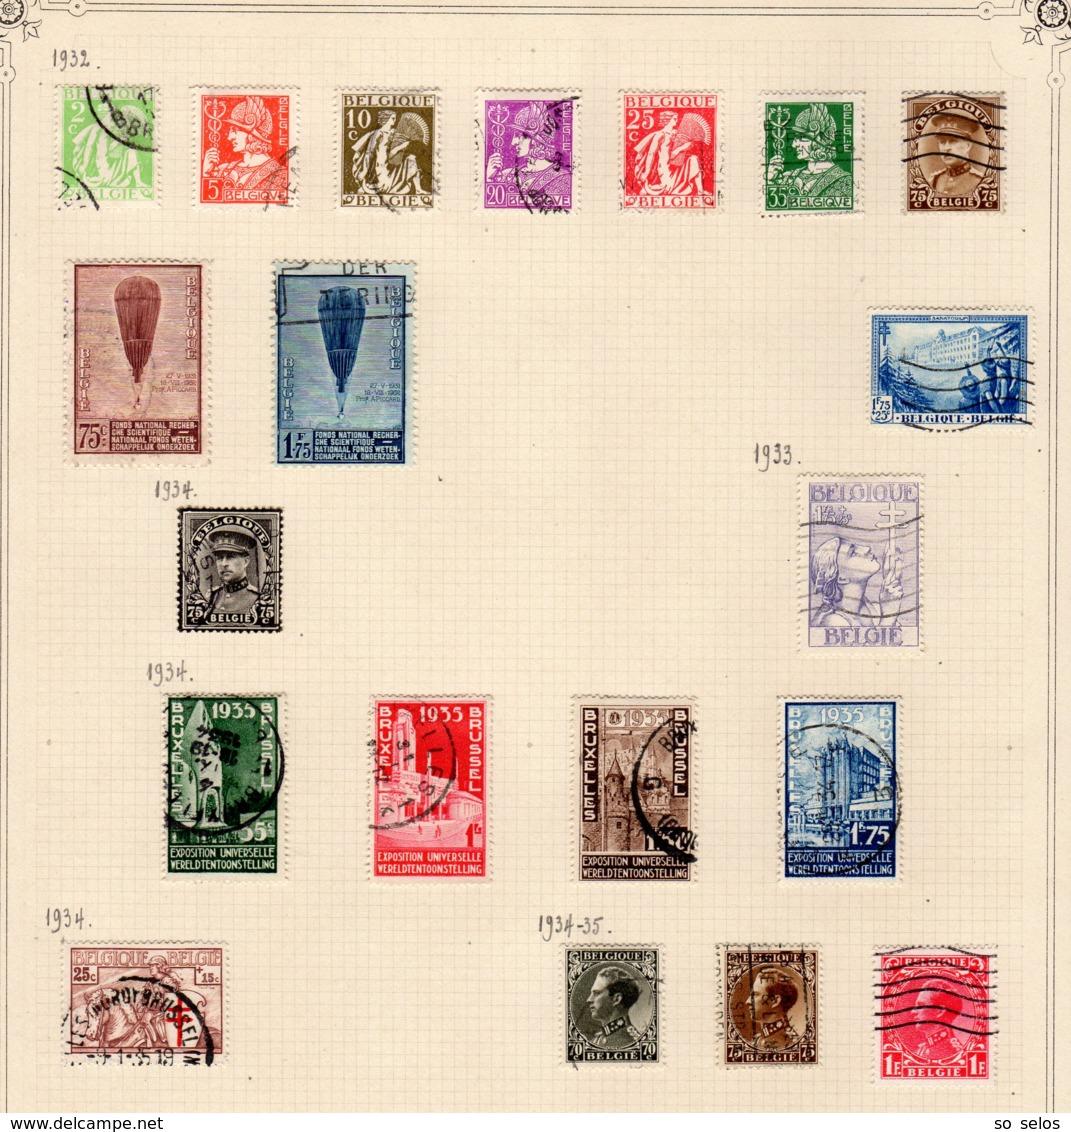 Timbres Belgique     1932/35     Oblitérés  0 - België